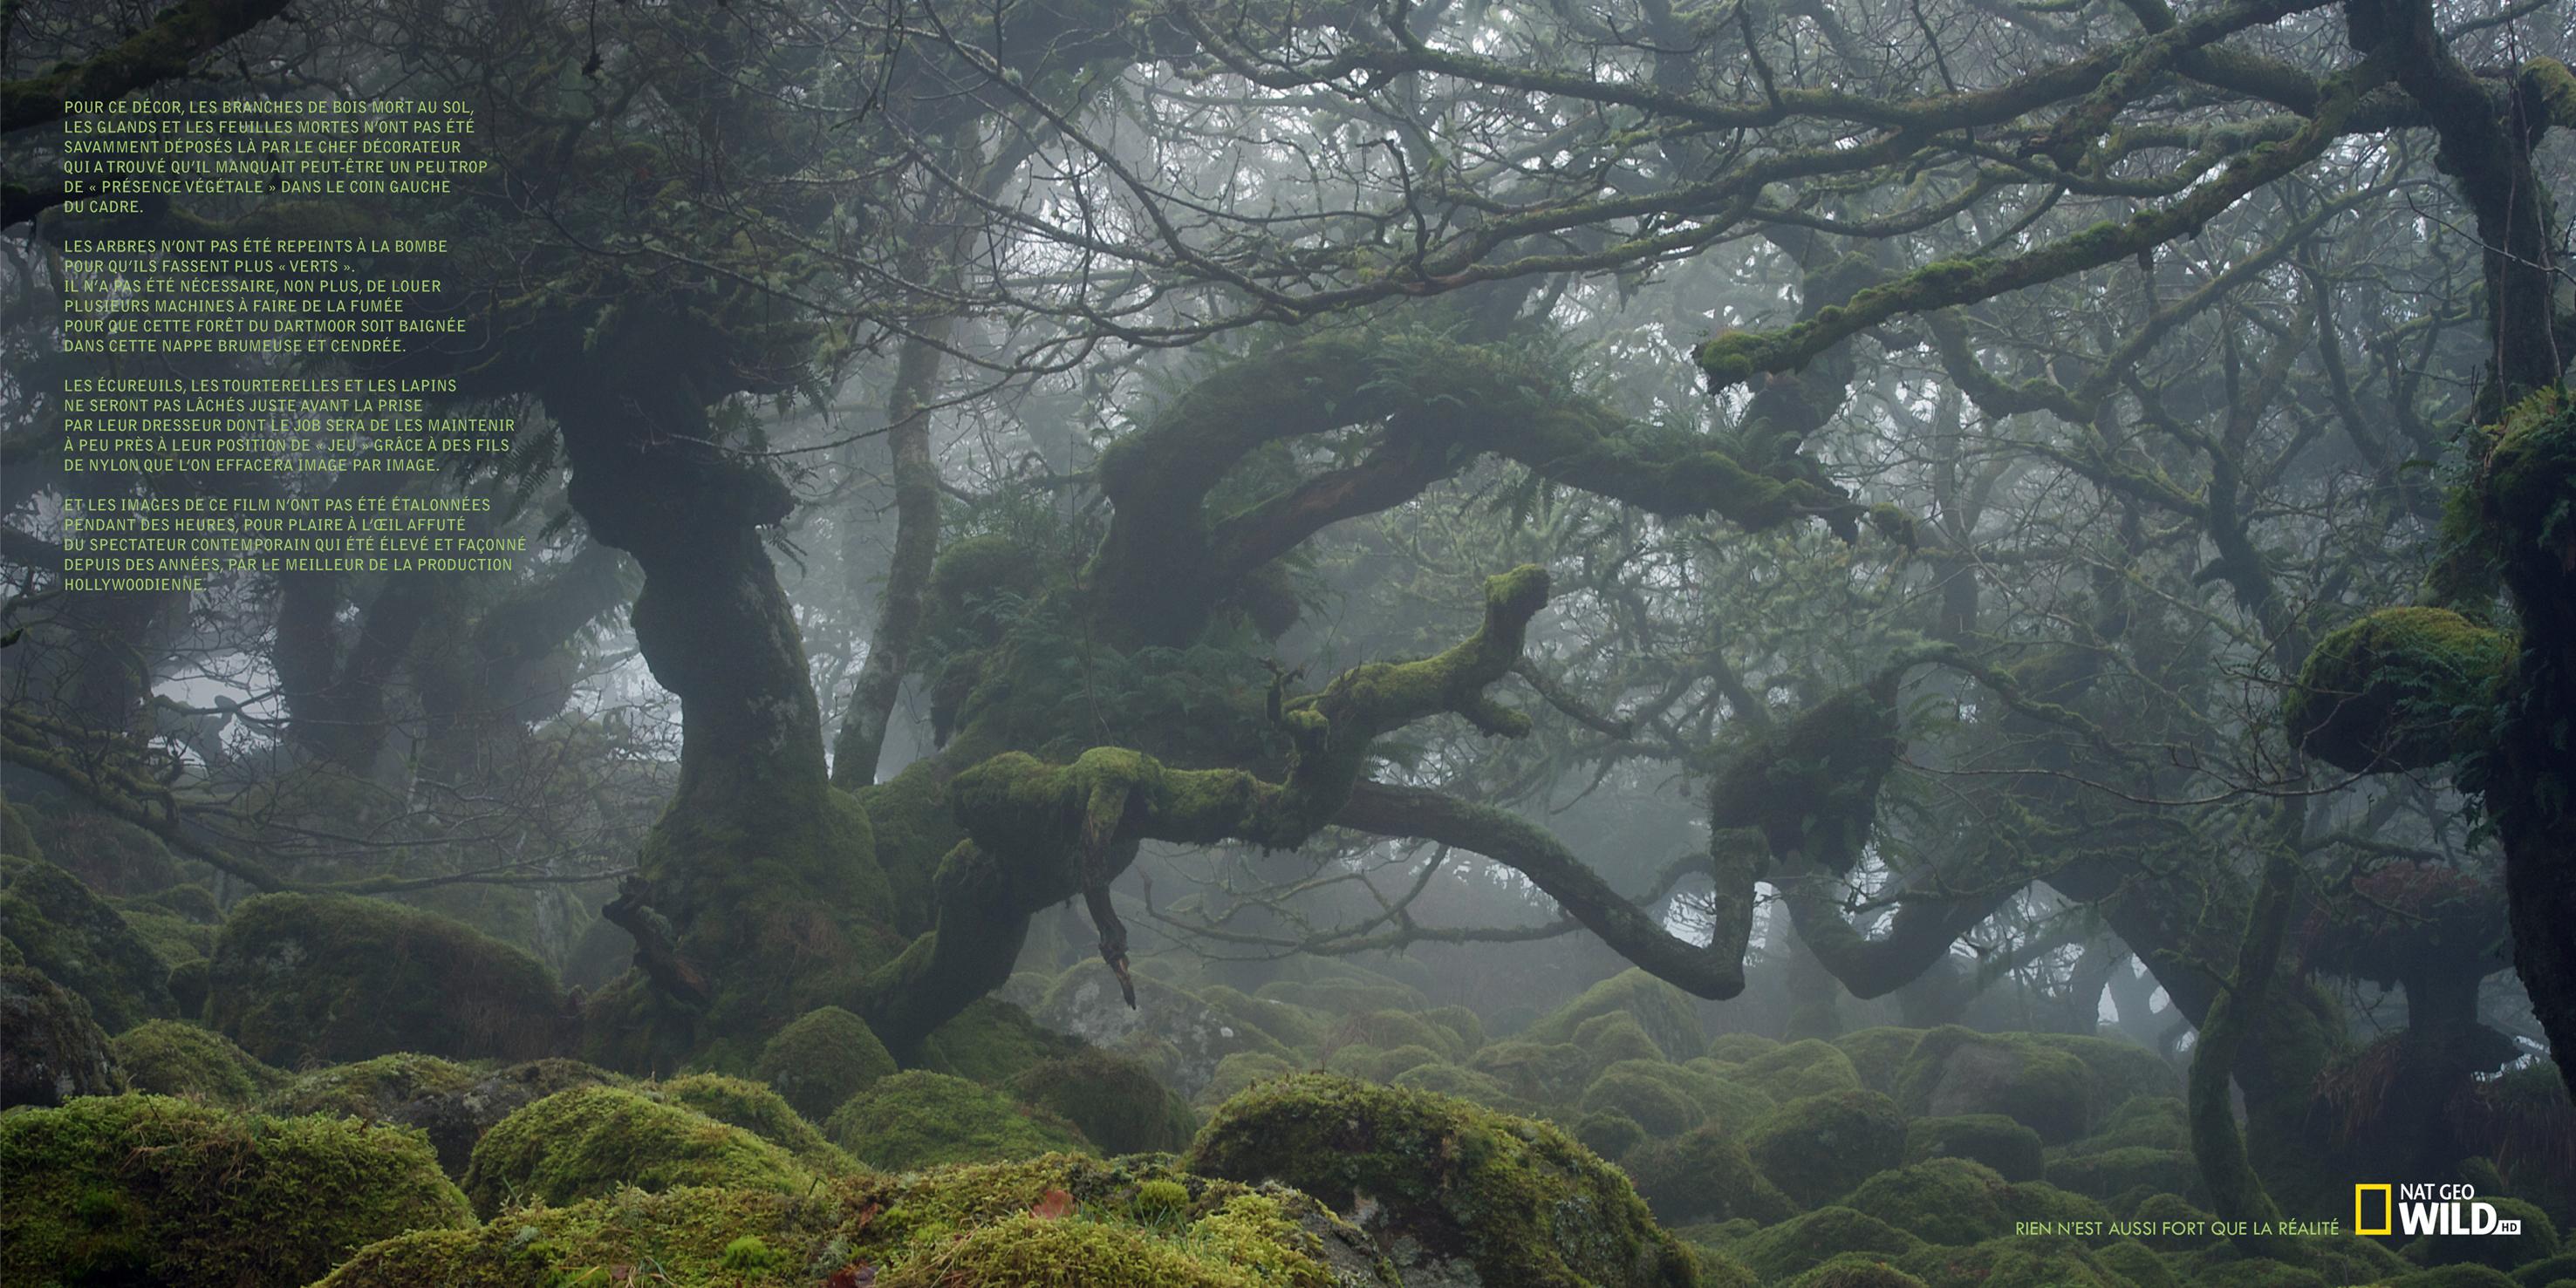 nat geo wild forêt